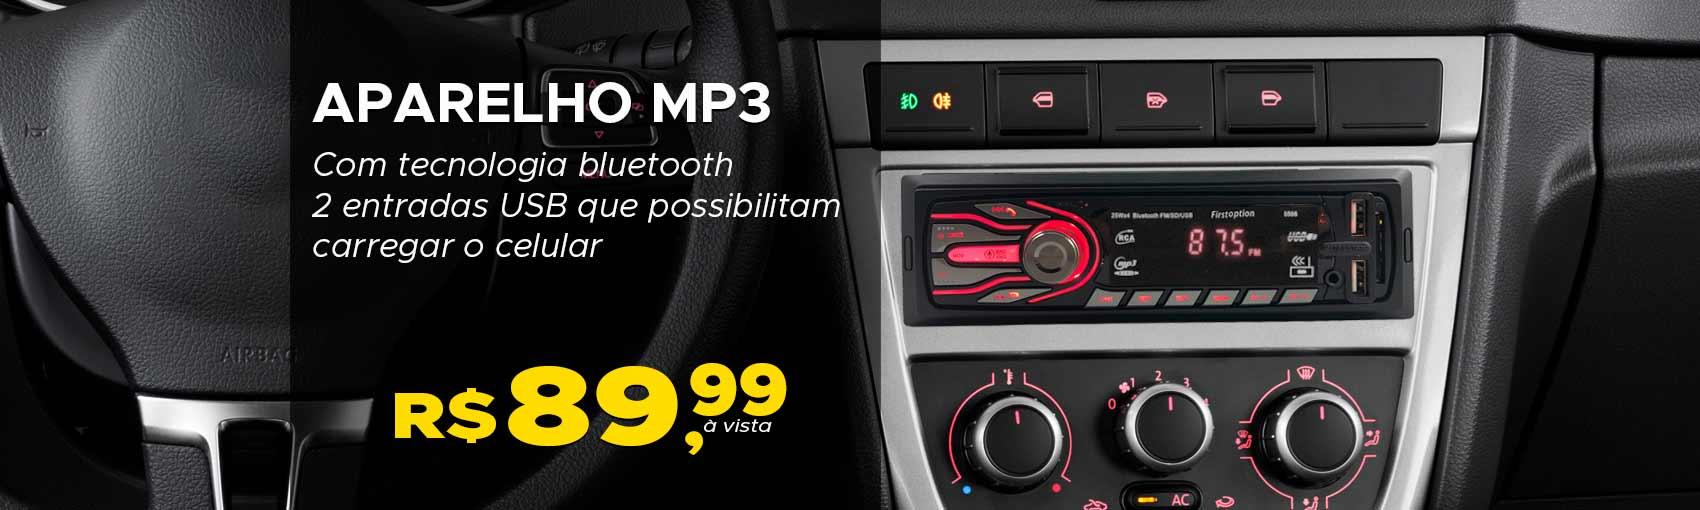 Aparelho MP3 com bluetooth